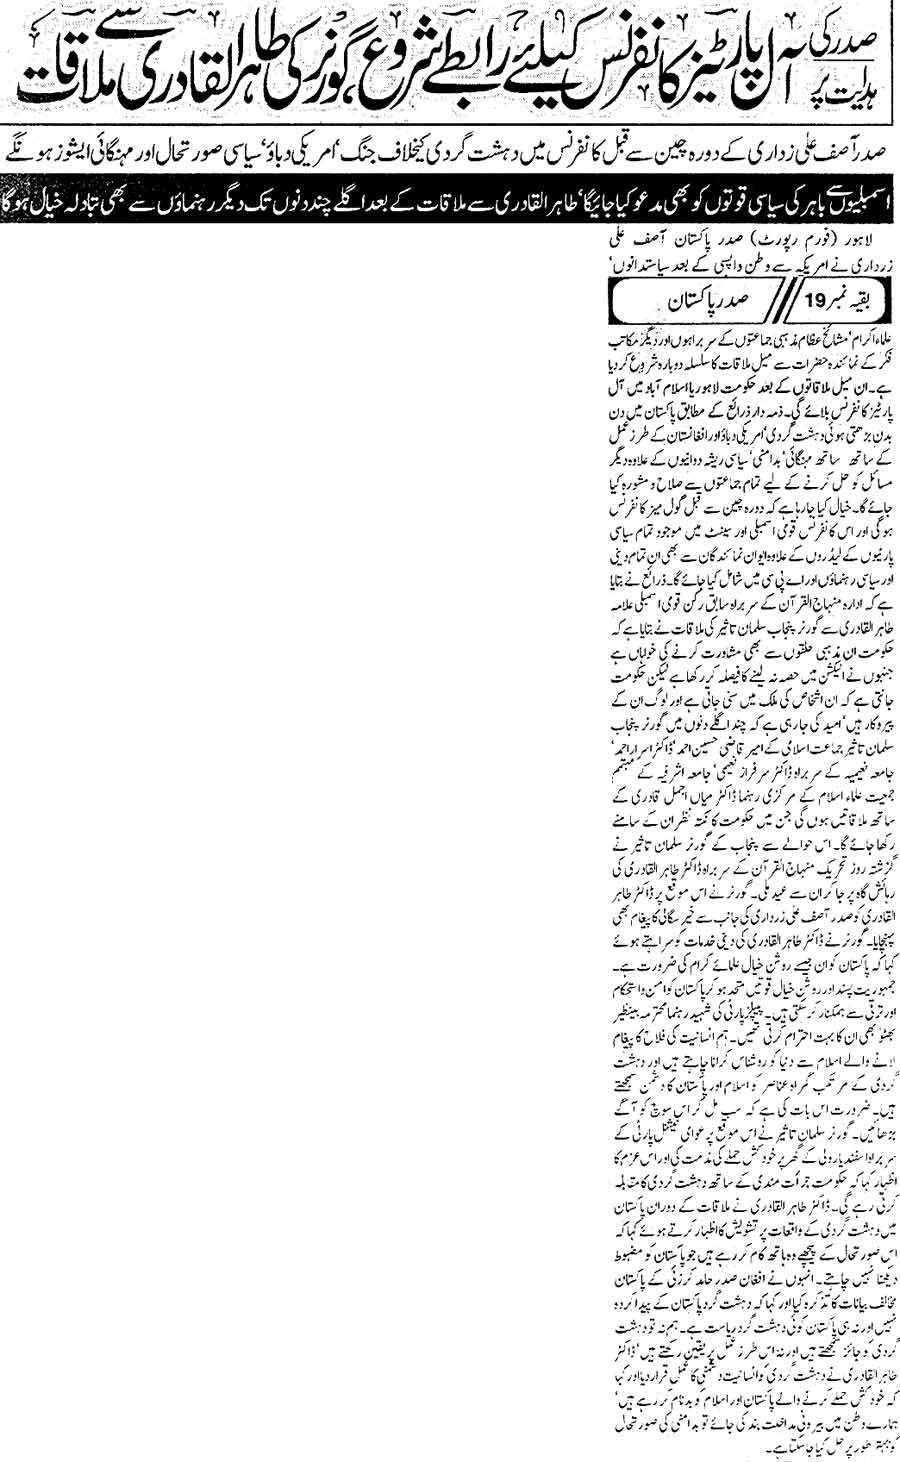 Minhaj-ul-Quran  Print Media Coverage Daily Khabrain Page: 3